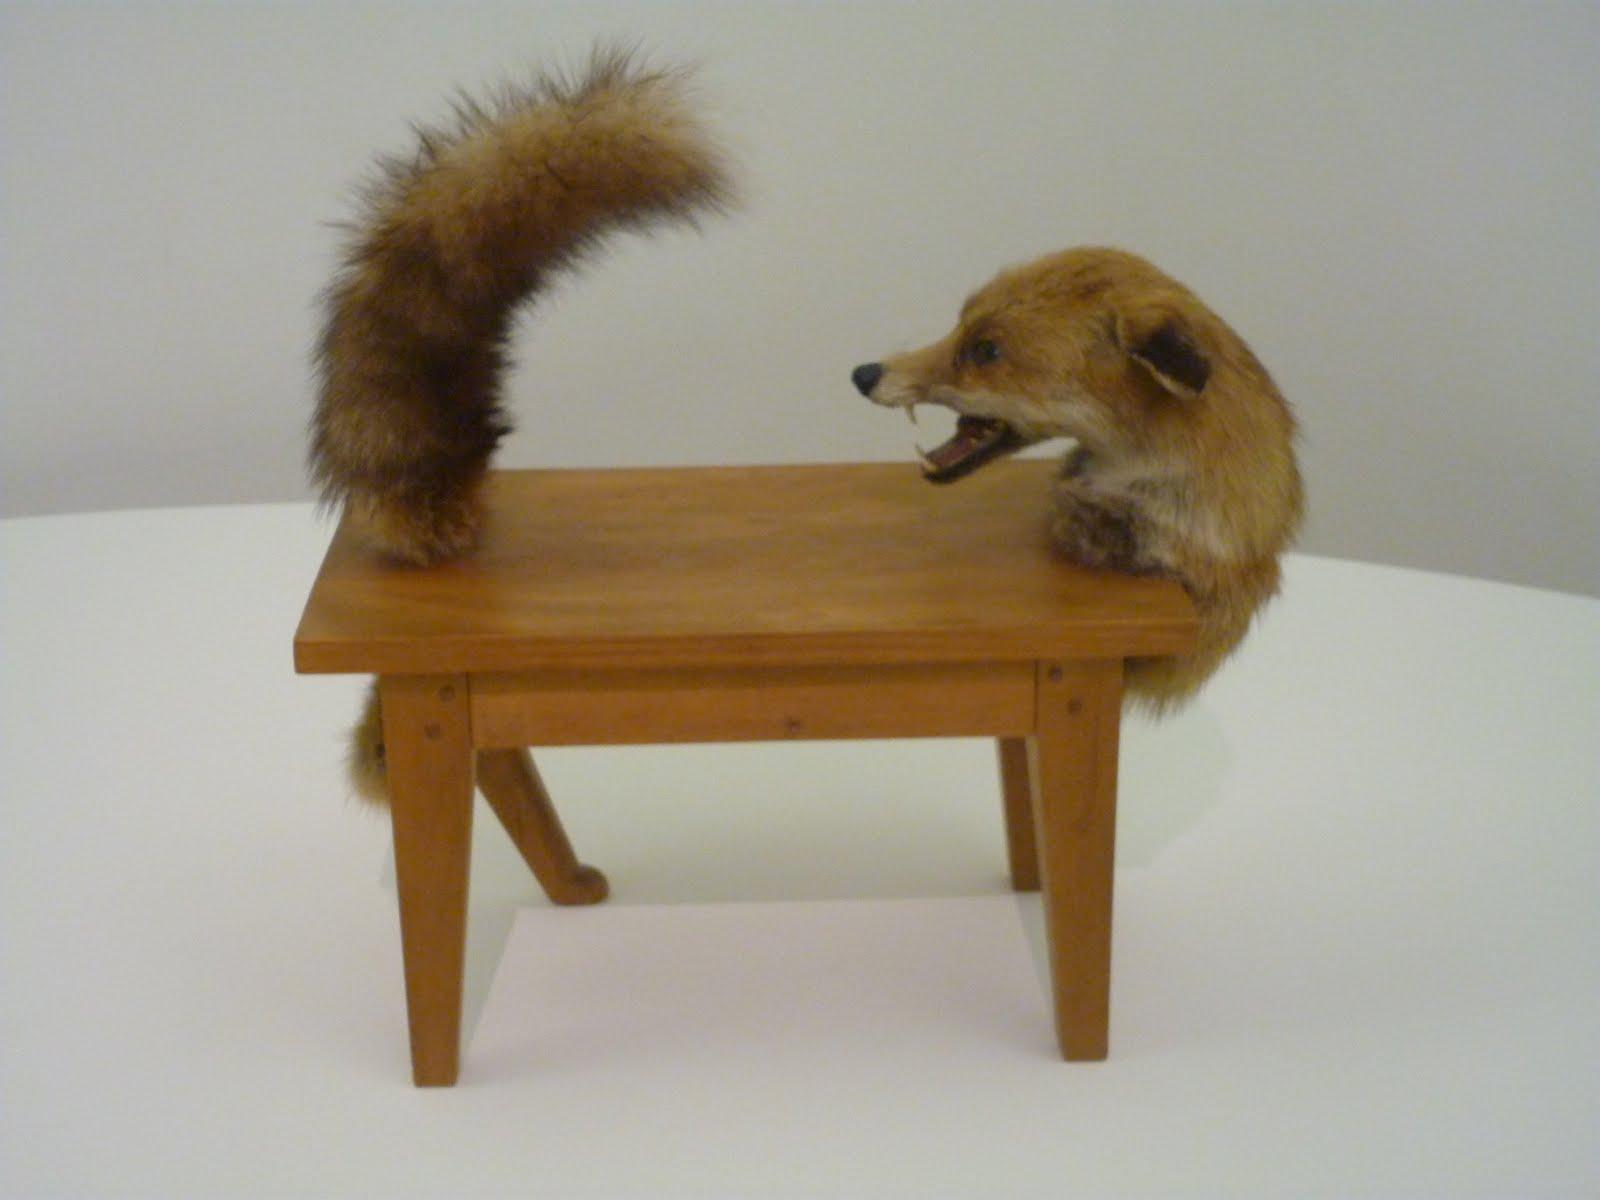 Dr j j visite paris le mus e national d 39 art moderne du centre pompidou - Victor brauner loup table ...